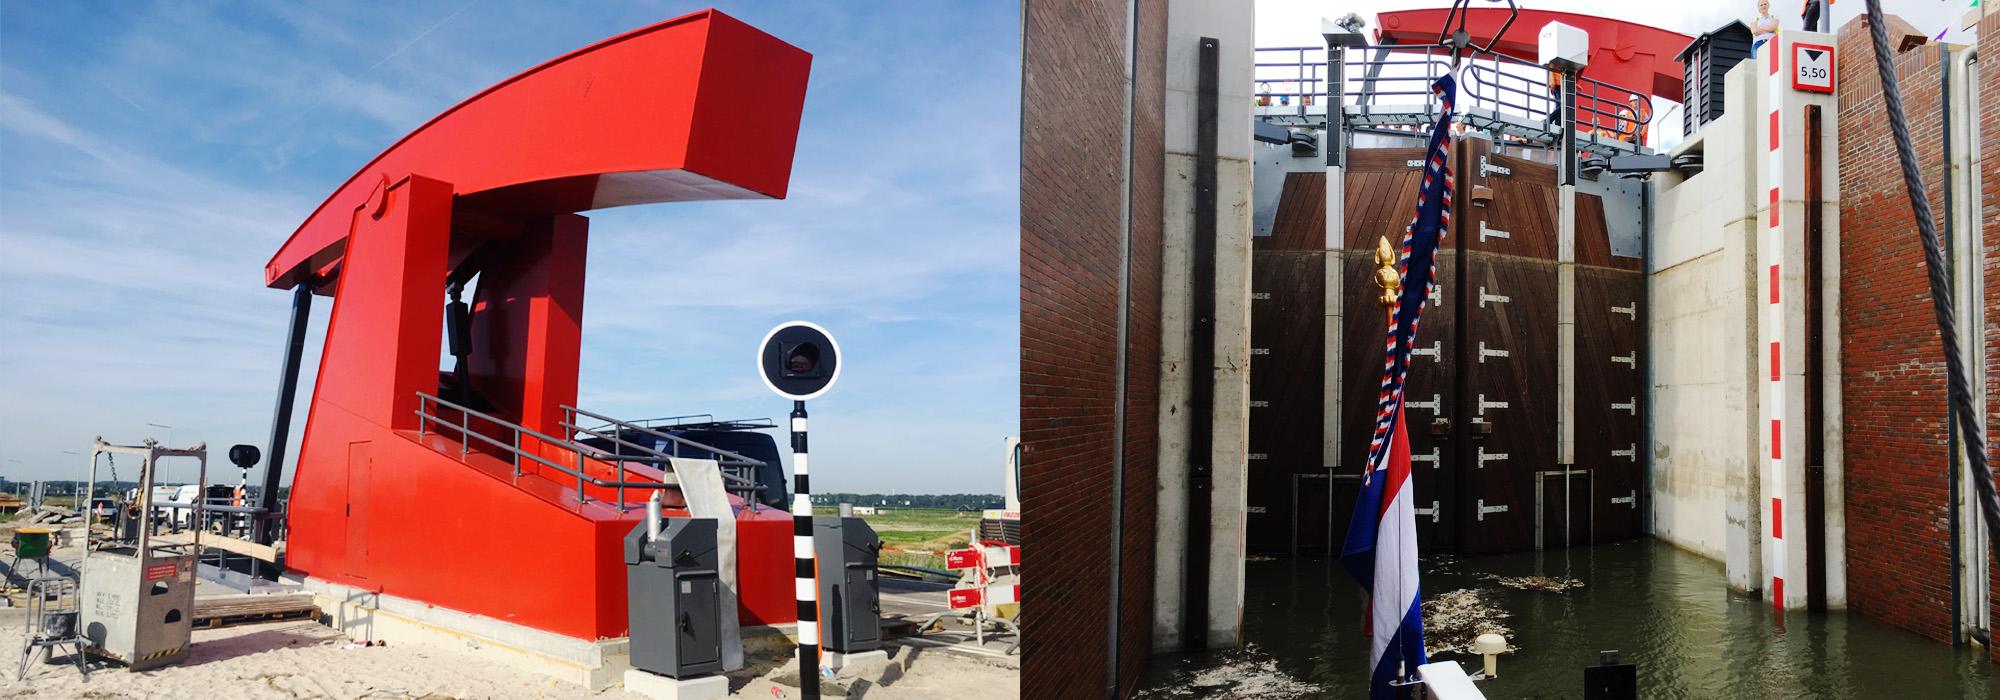 Polderwijk Zeewolde | Jan van Tellingen | architecture & creative ...